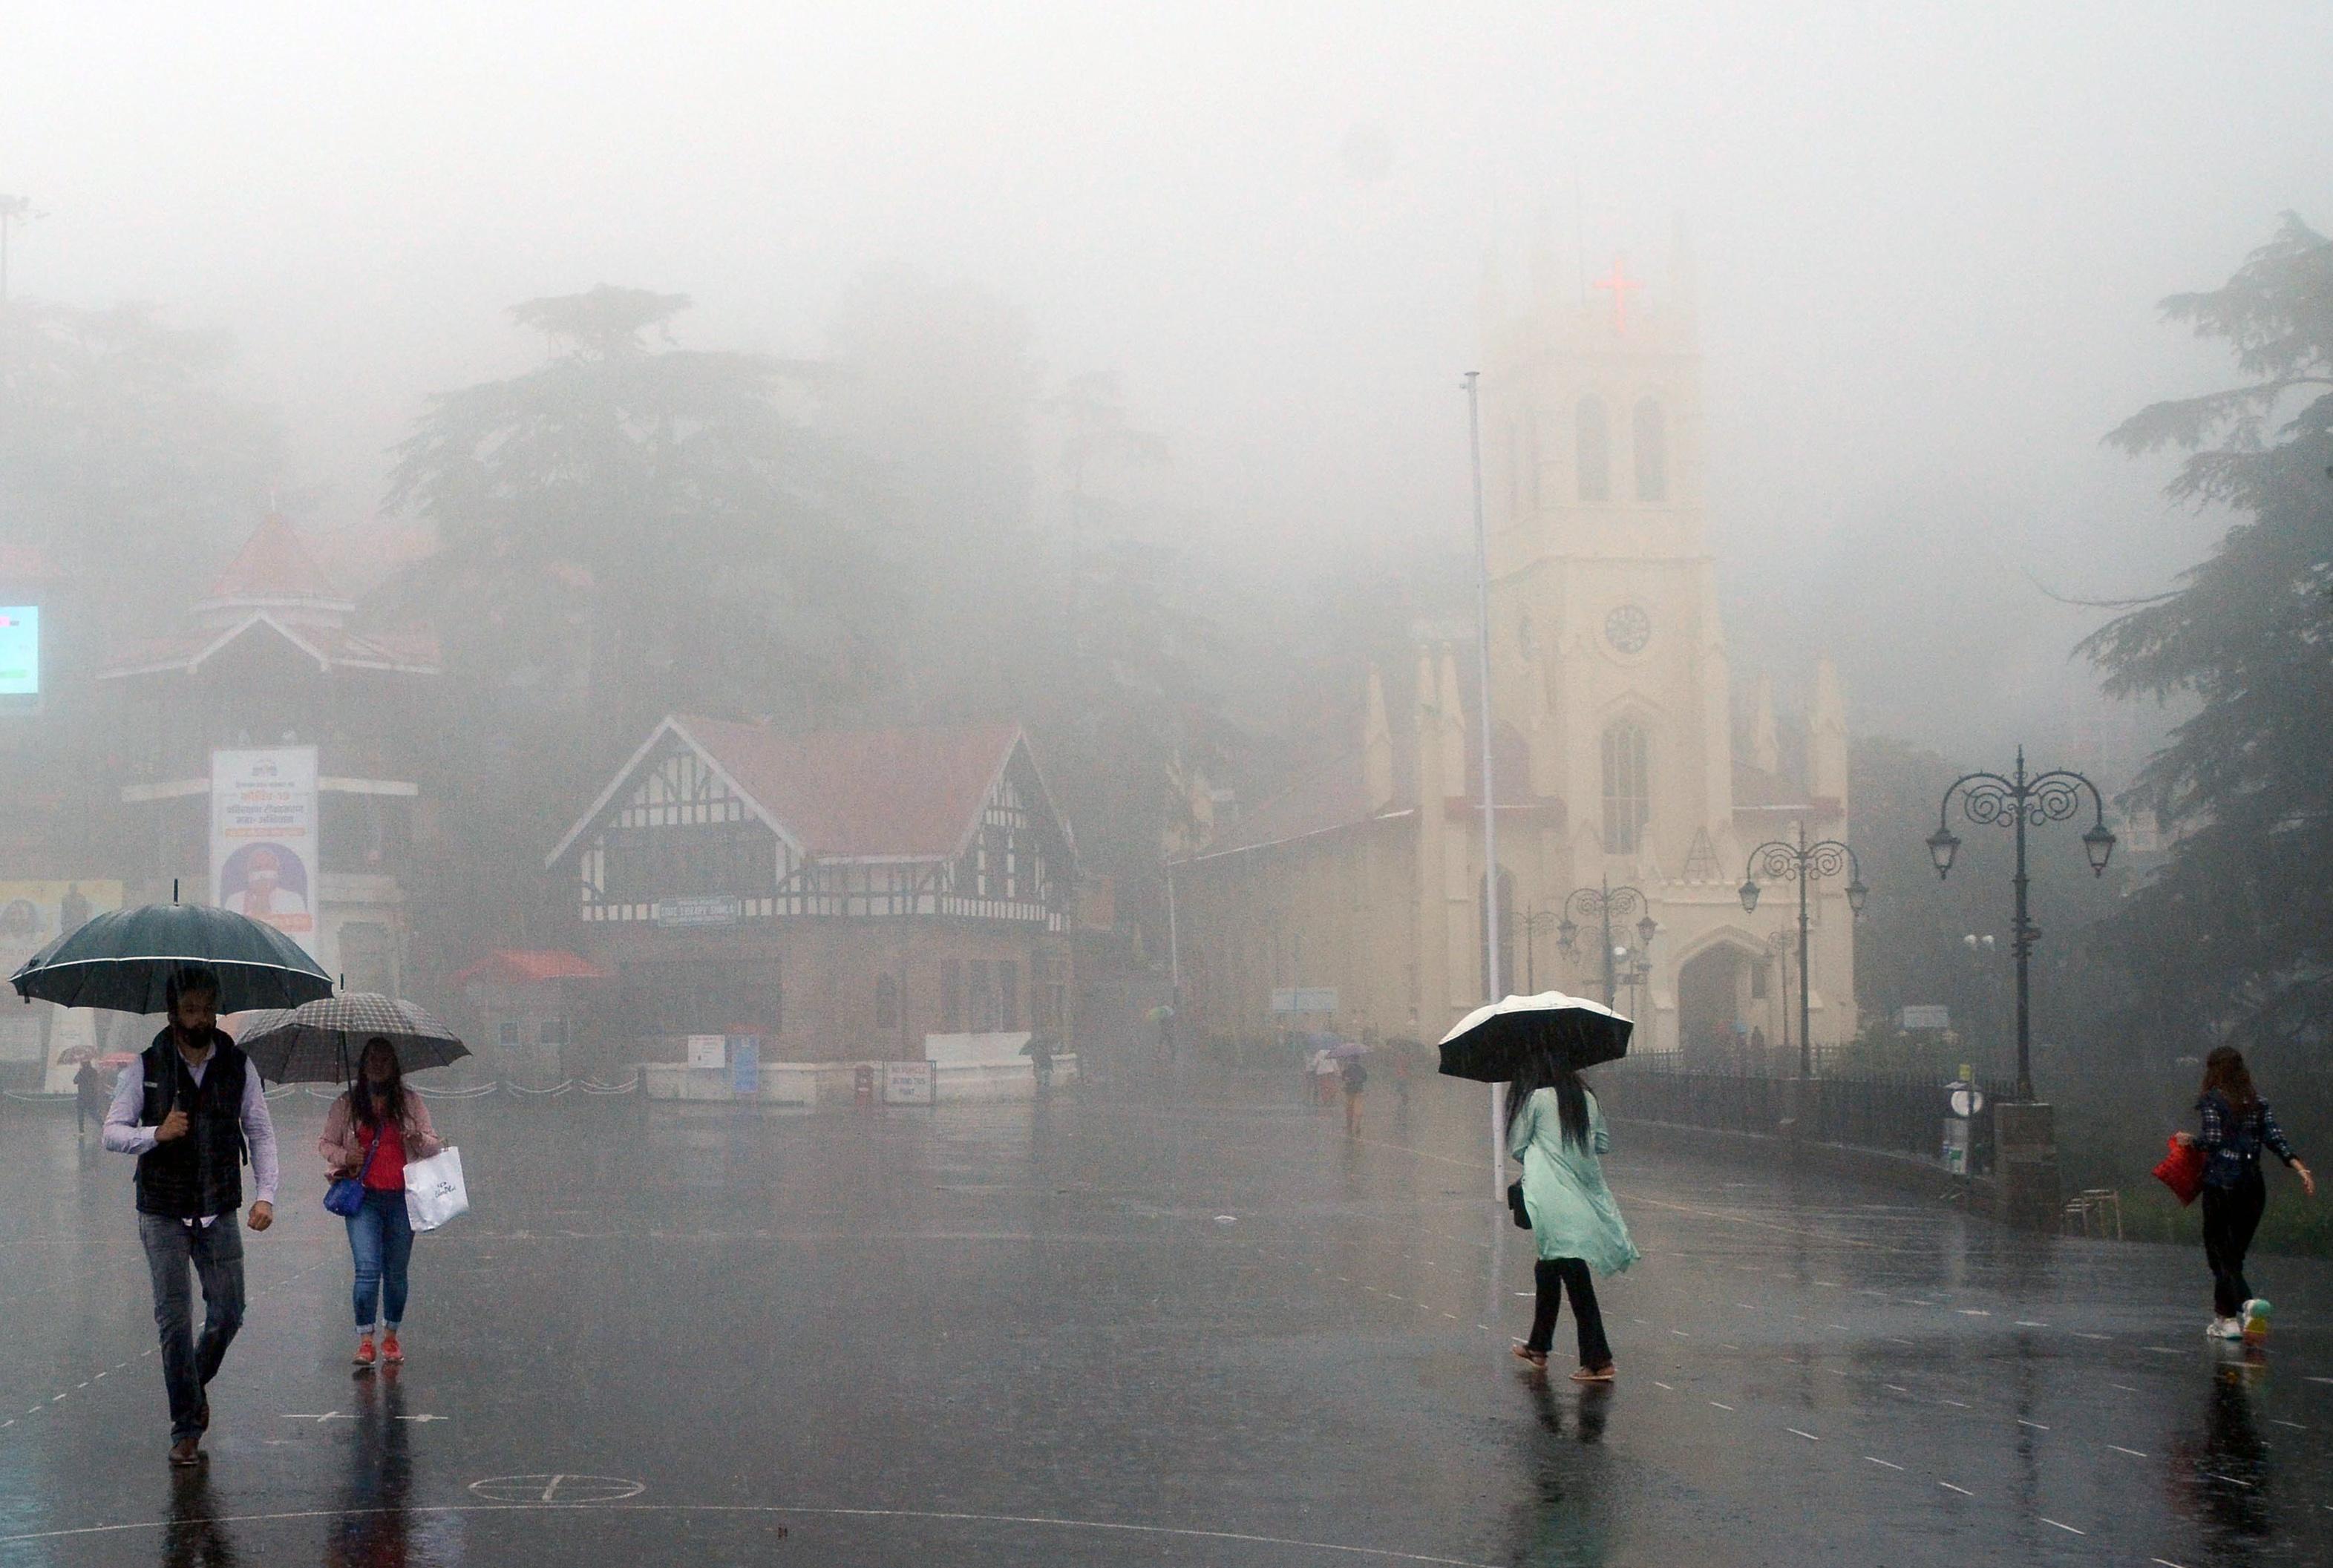 सोमवार को शिमला में हुई जोरदार बारिश में निकले लोग।